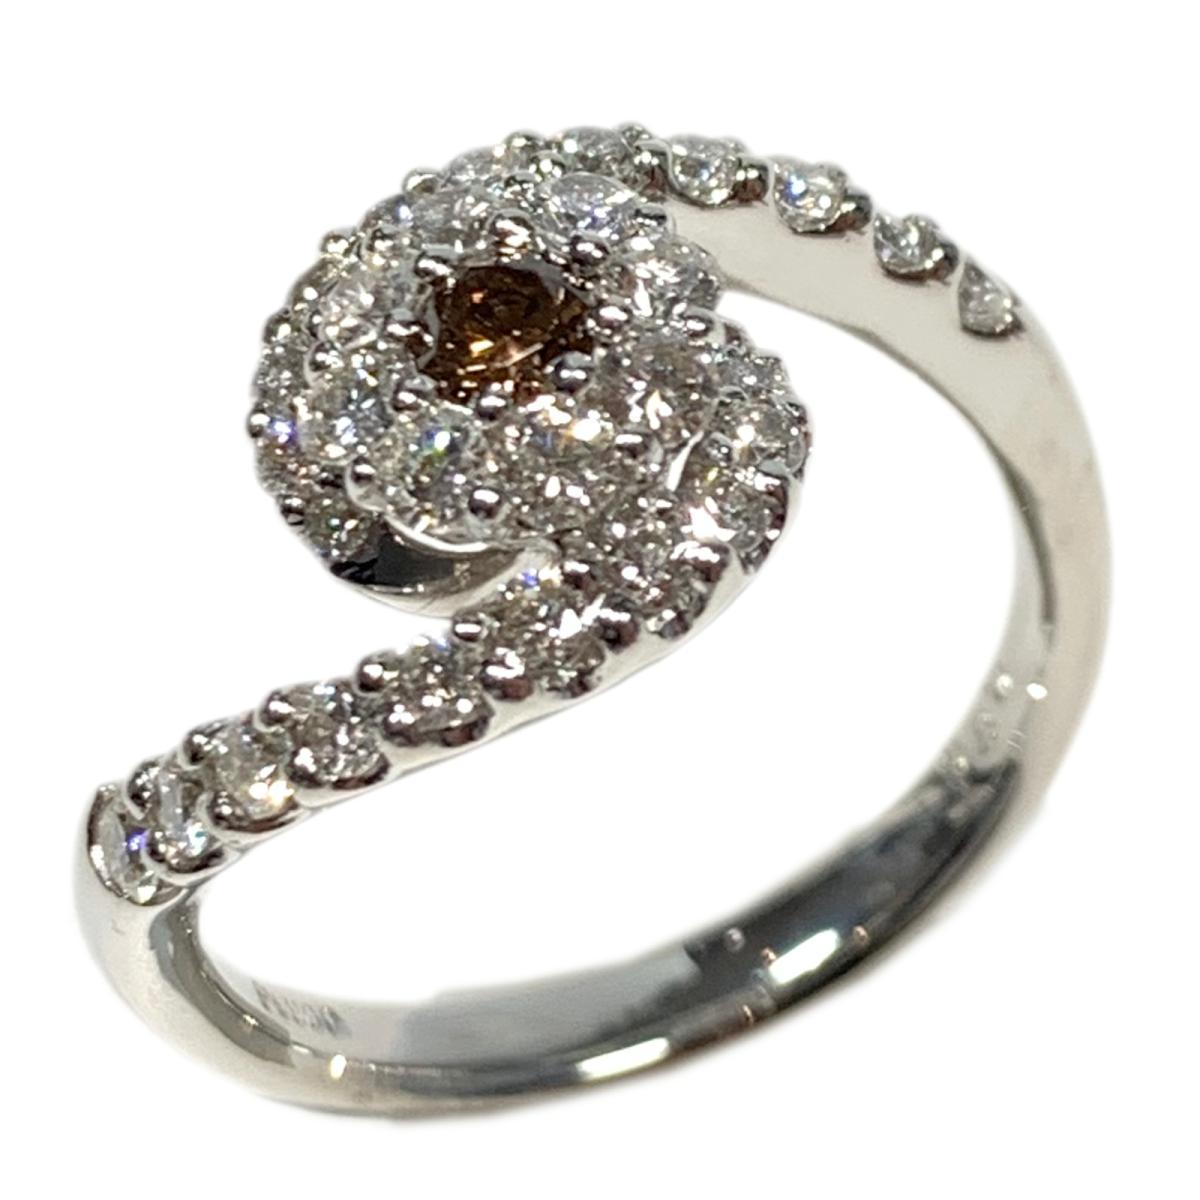 【中古】 ジュエリー ダイヤモンド リング 指輪 レディース PT900 プラチナ x 0.8ct シルバー | JEWELRY BRANDOFF ブランドオフ ブランド アクセサリー